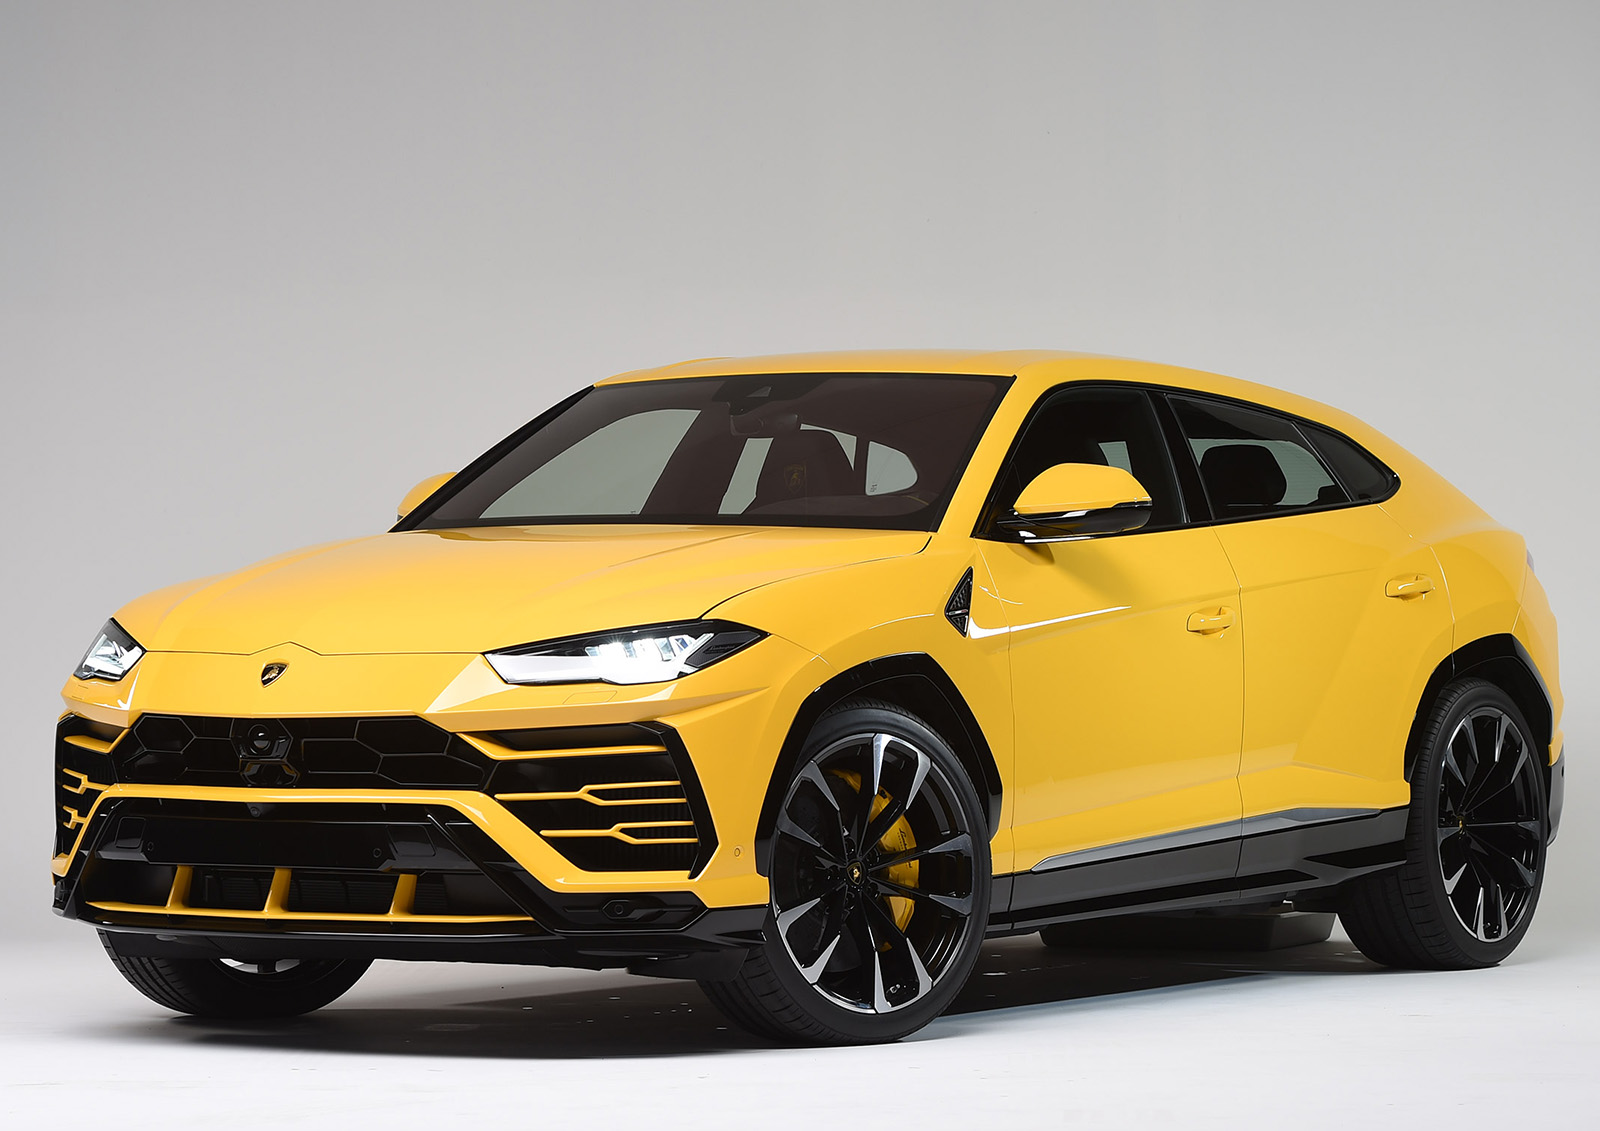 2020 Lamborghini Urus Reviews